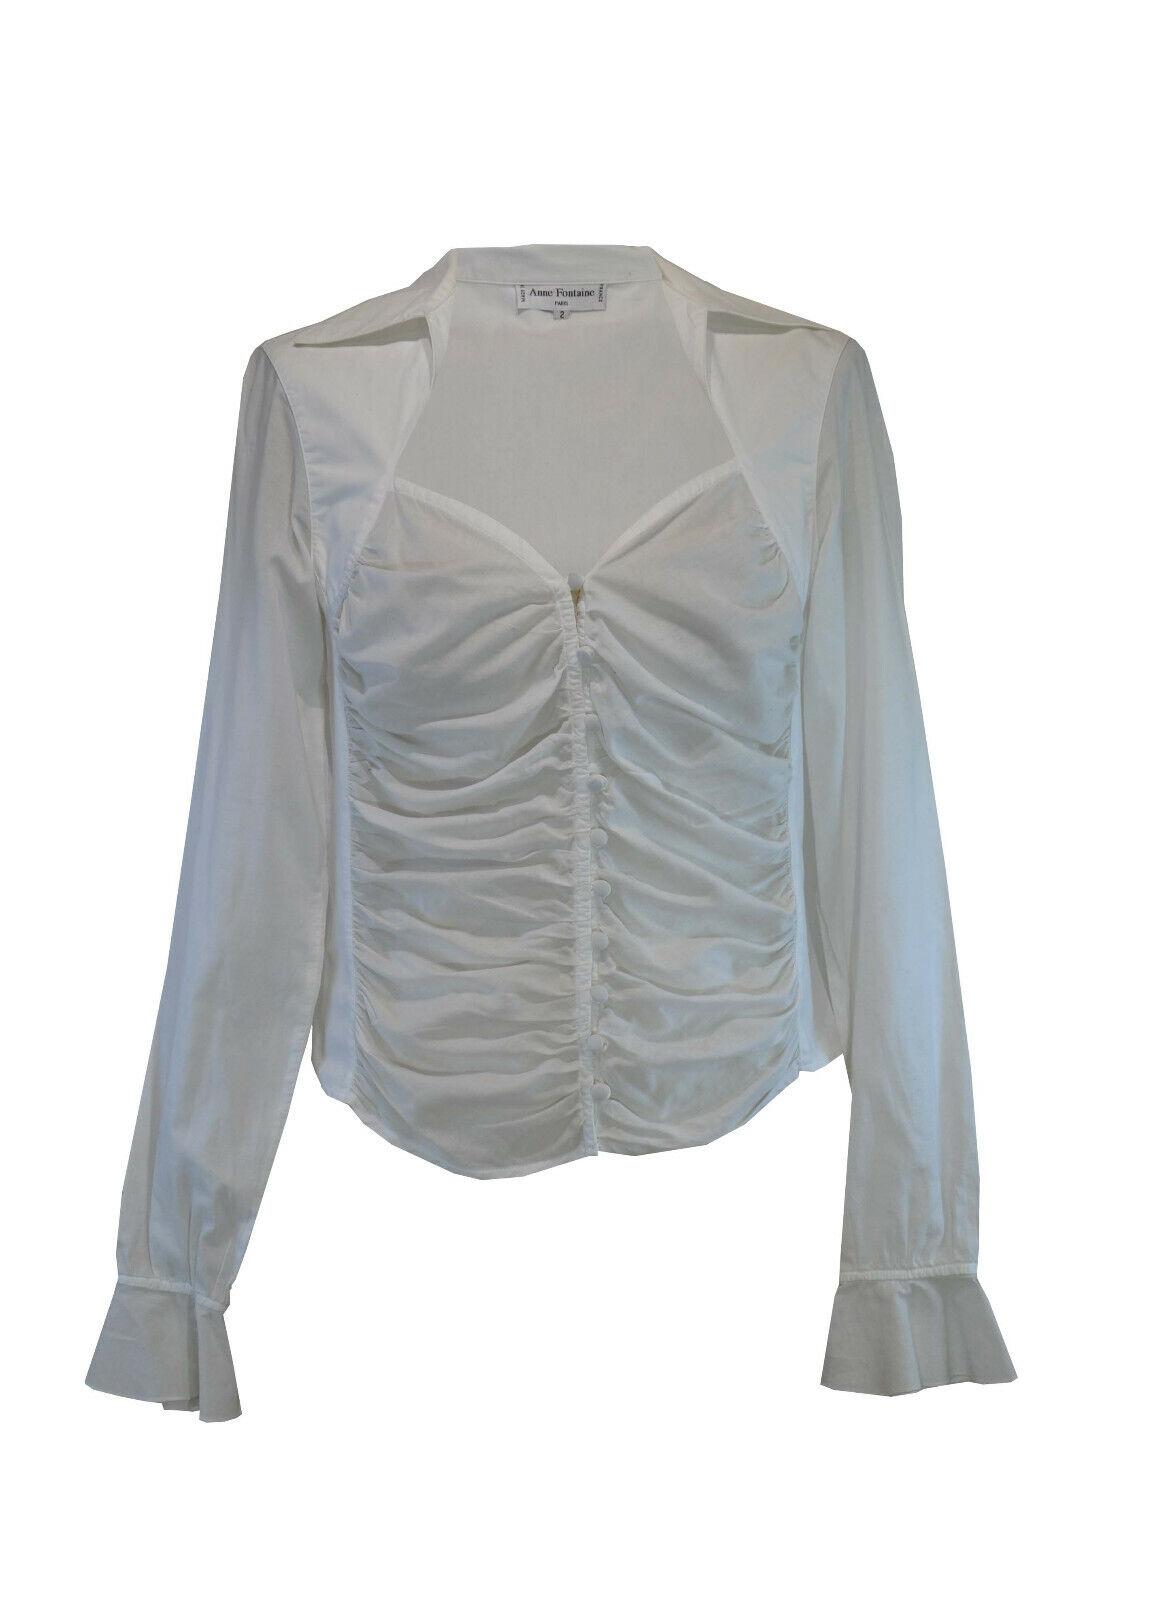 Anne Fontaine  Weiß Cotton Shirt  Größe 2   rotd Detail